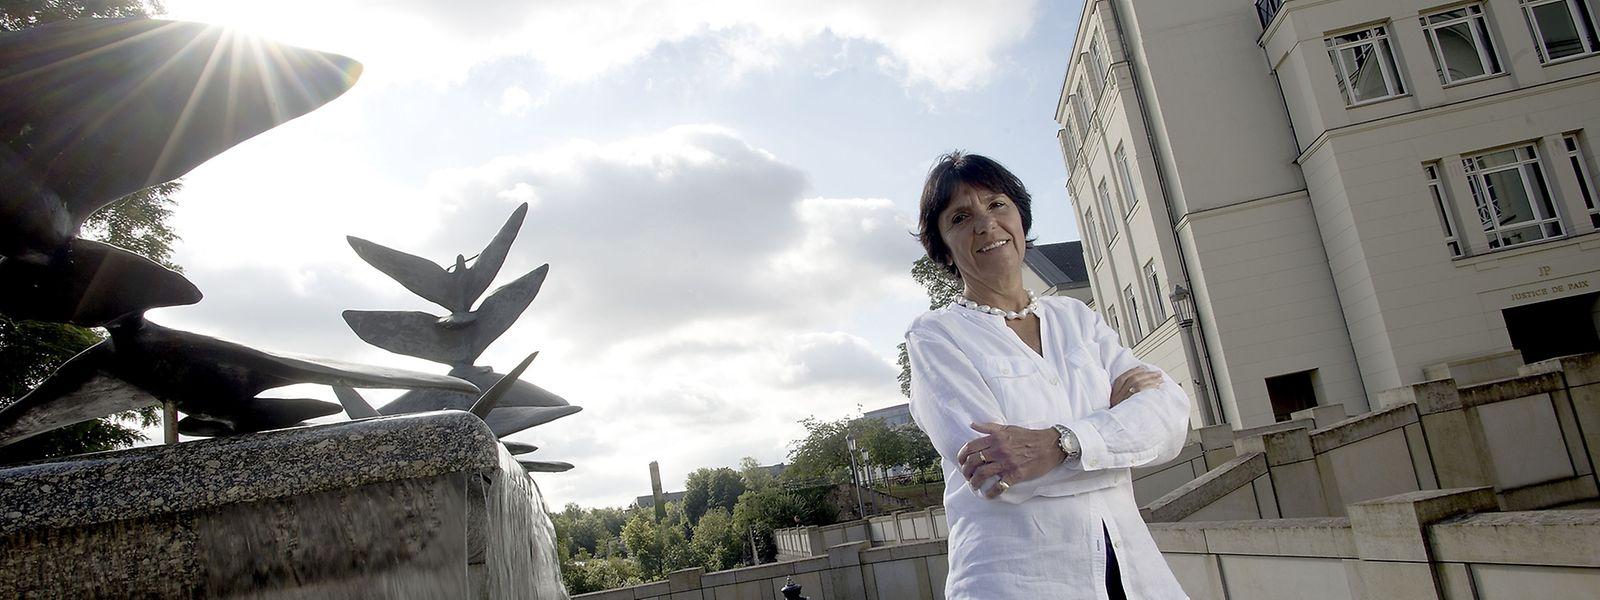 Erfahrung und Kompetenz: Martine Solovieff kann auf 30 Jahre Staatsanwaltschaft zurückblicken.